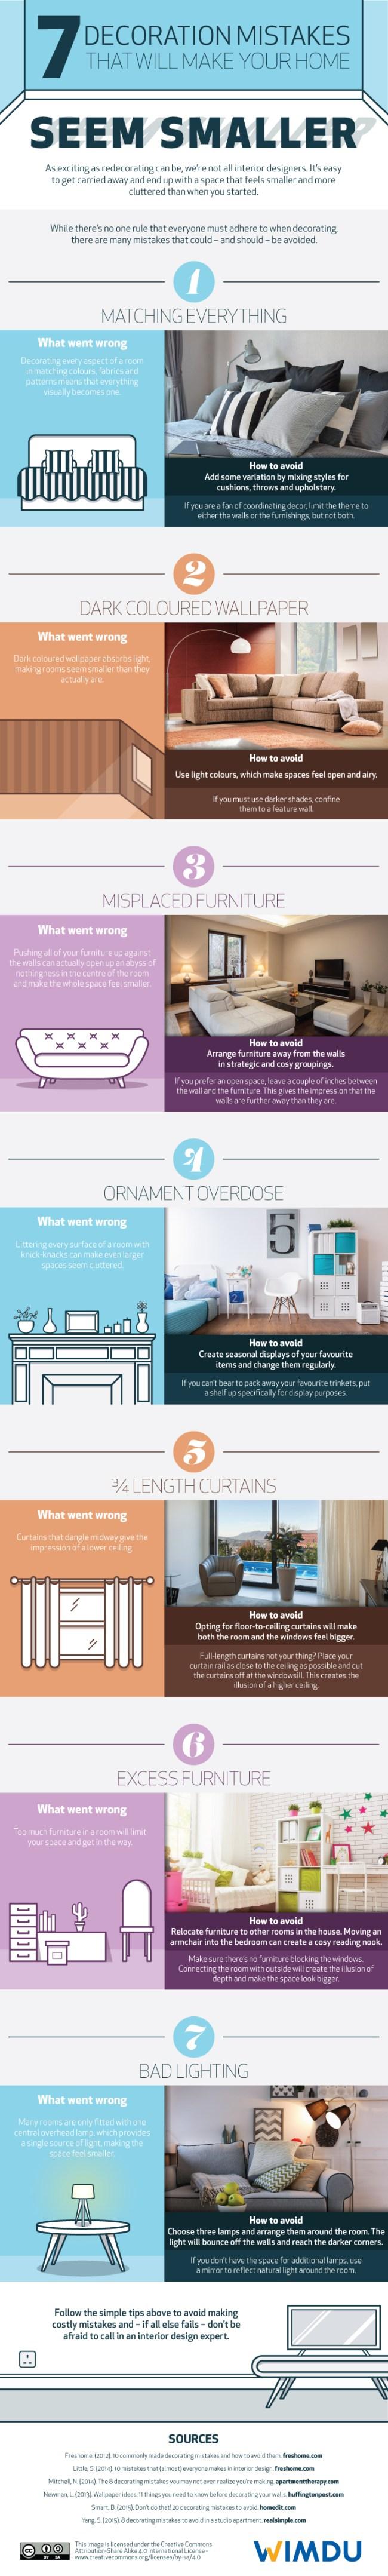 ideas-small-home-bigger